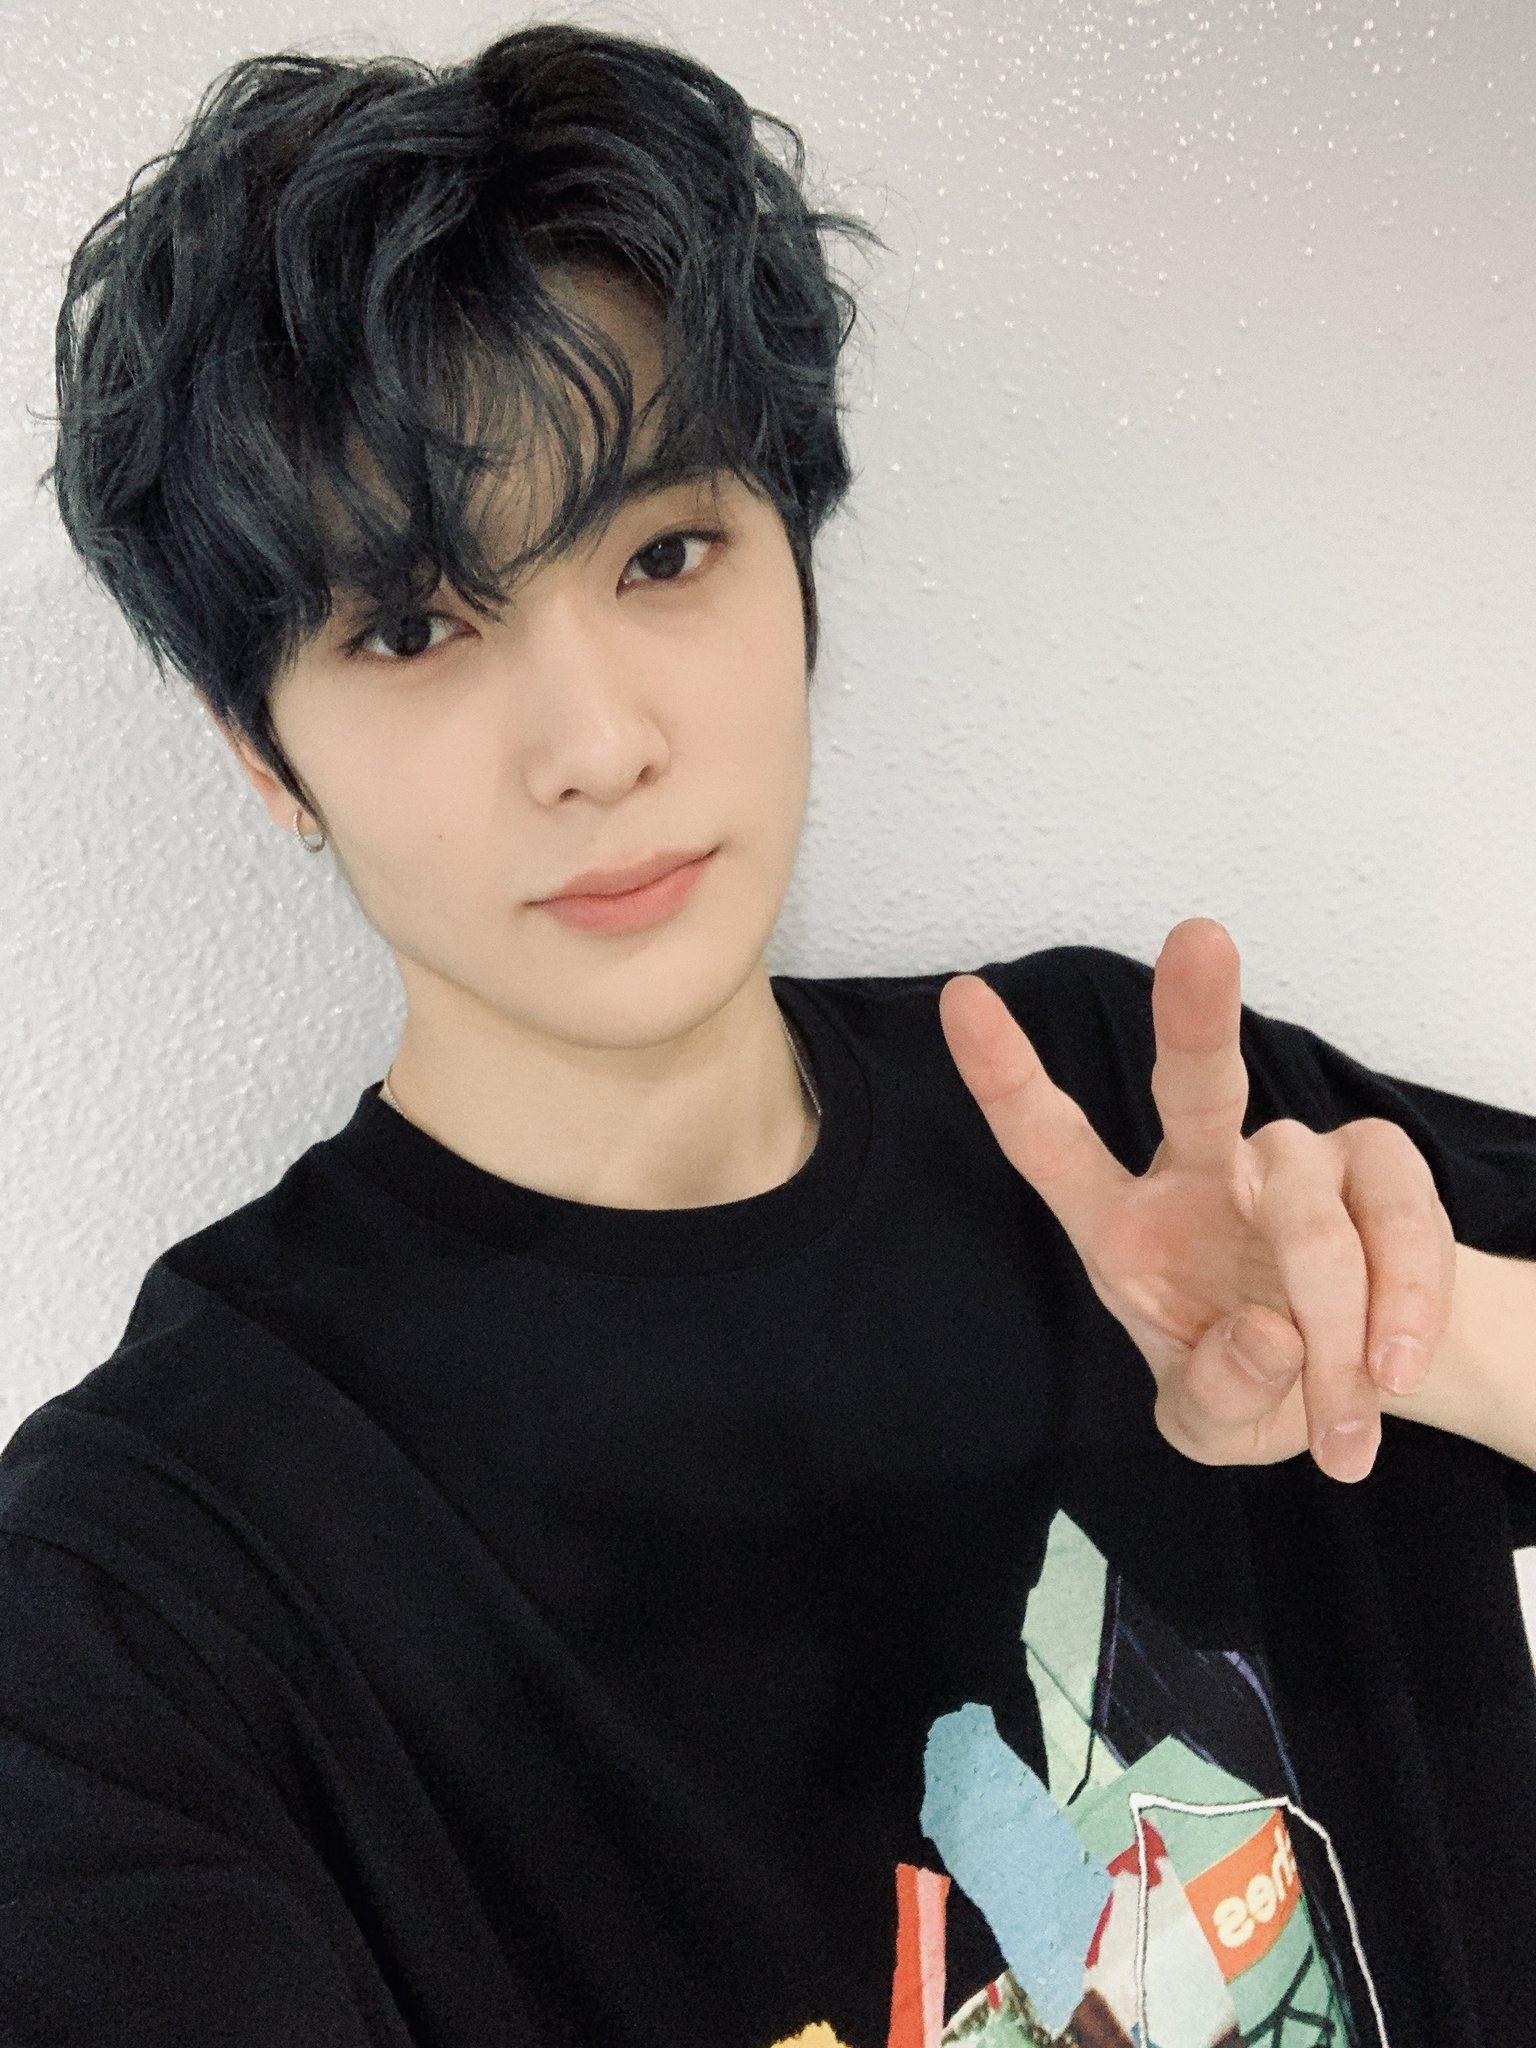 Jaehyun Jaehyun Nct Jaehyun Nct 127